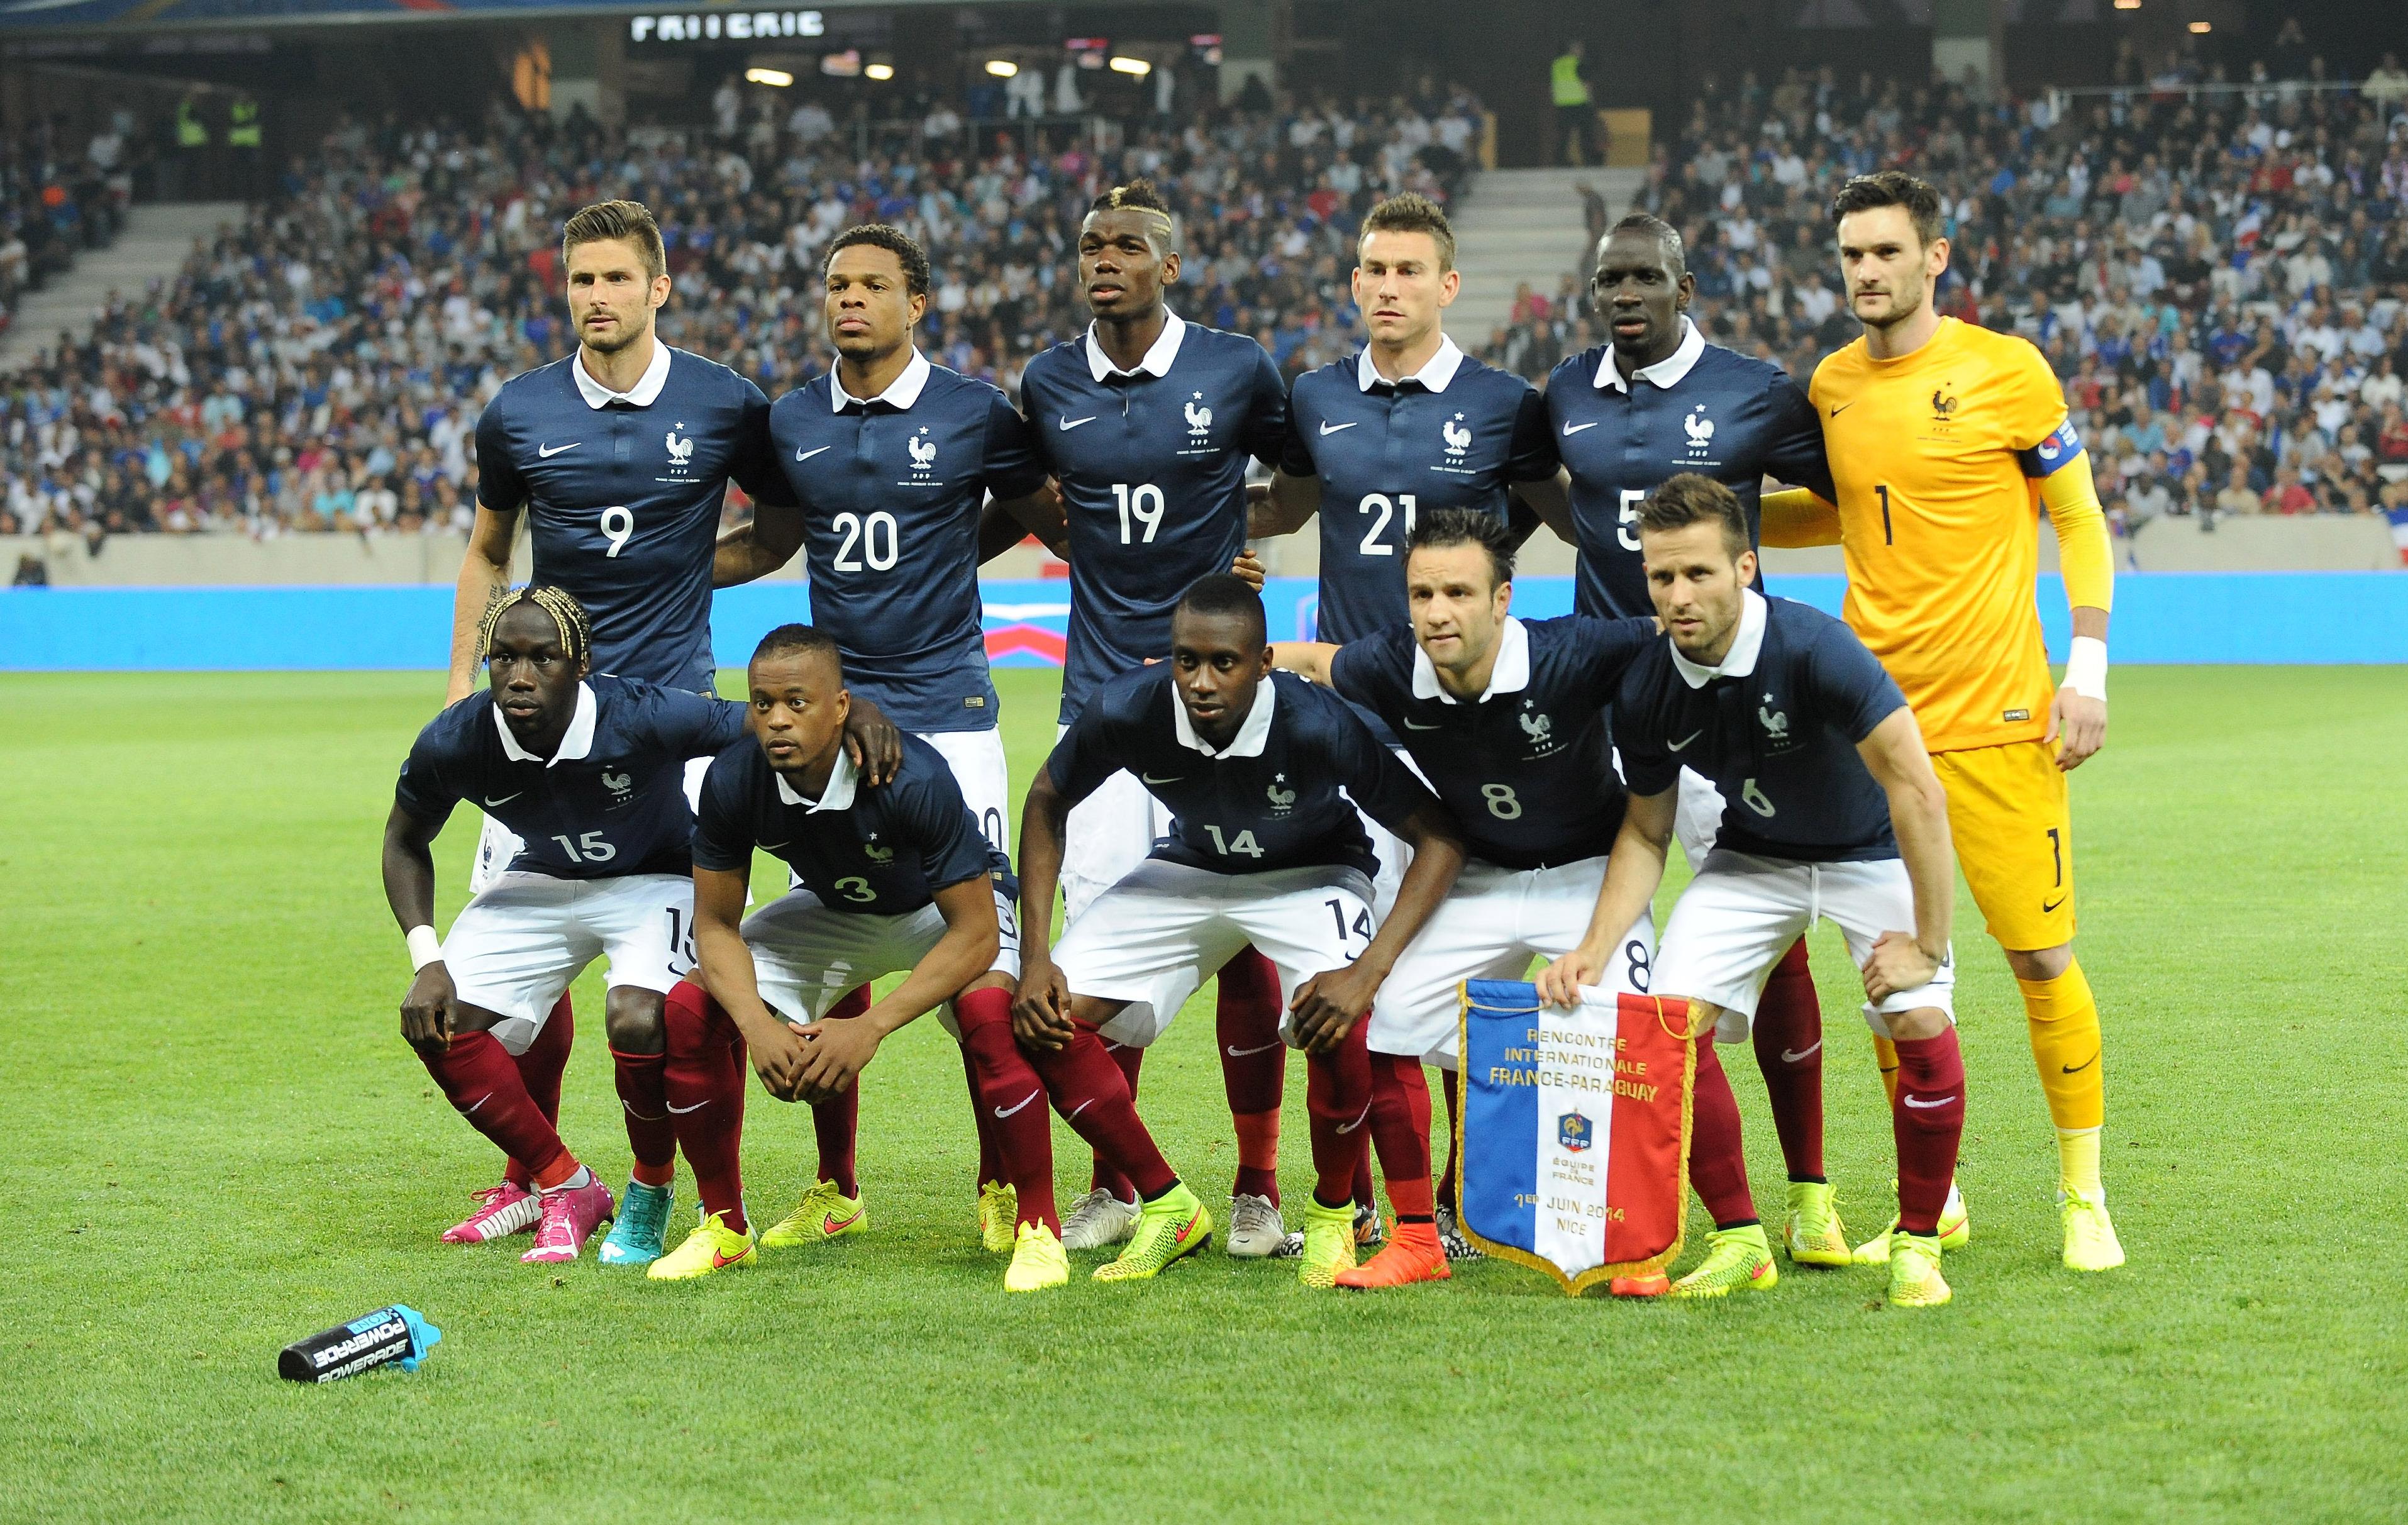 Quels joueurs de ligue 1 au mondial 2014 br sil coupe du monde football - Equipe argentine coupe du monde 2014 ...